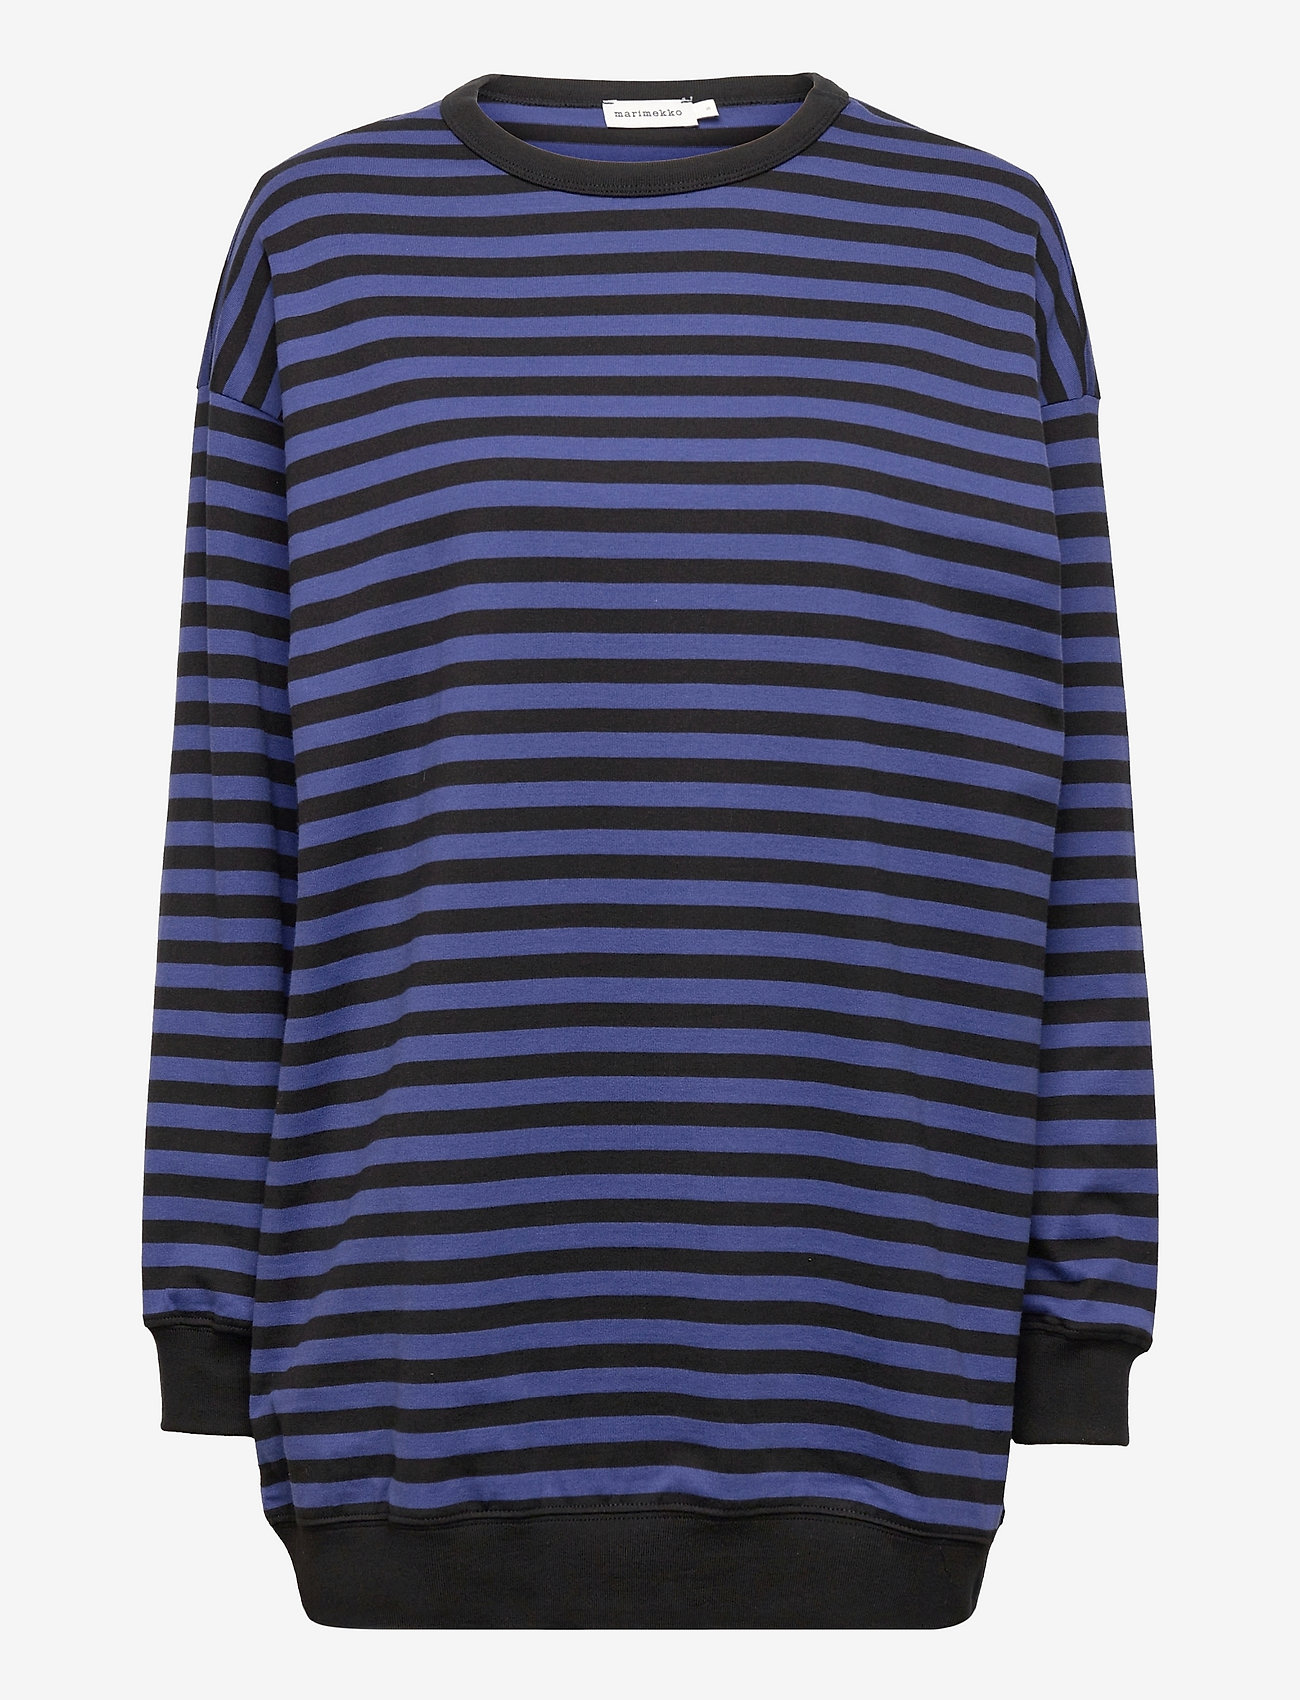 Marimekko - JUURET TASARAITA TUNIC - sweatshirts - black, blue - 0